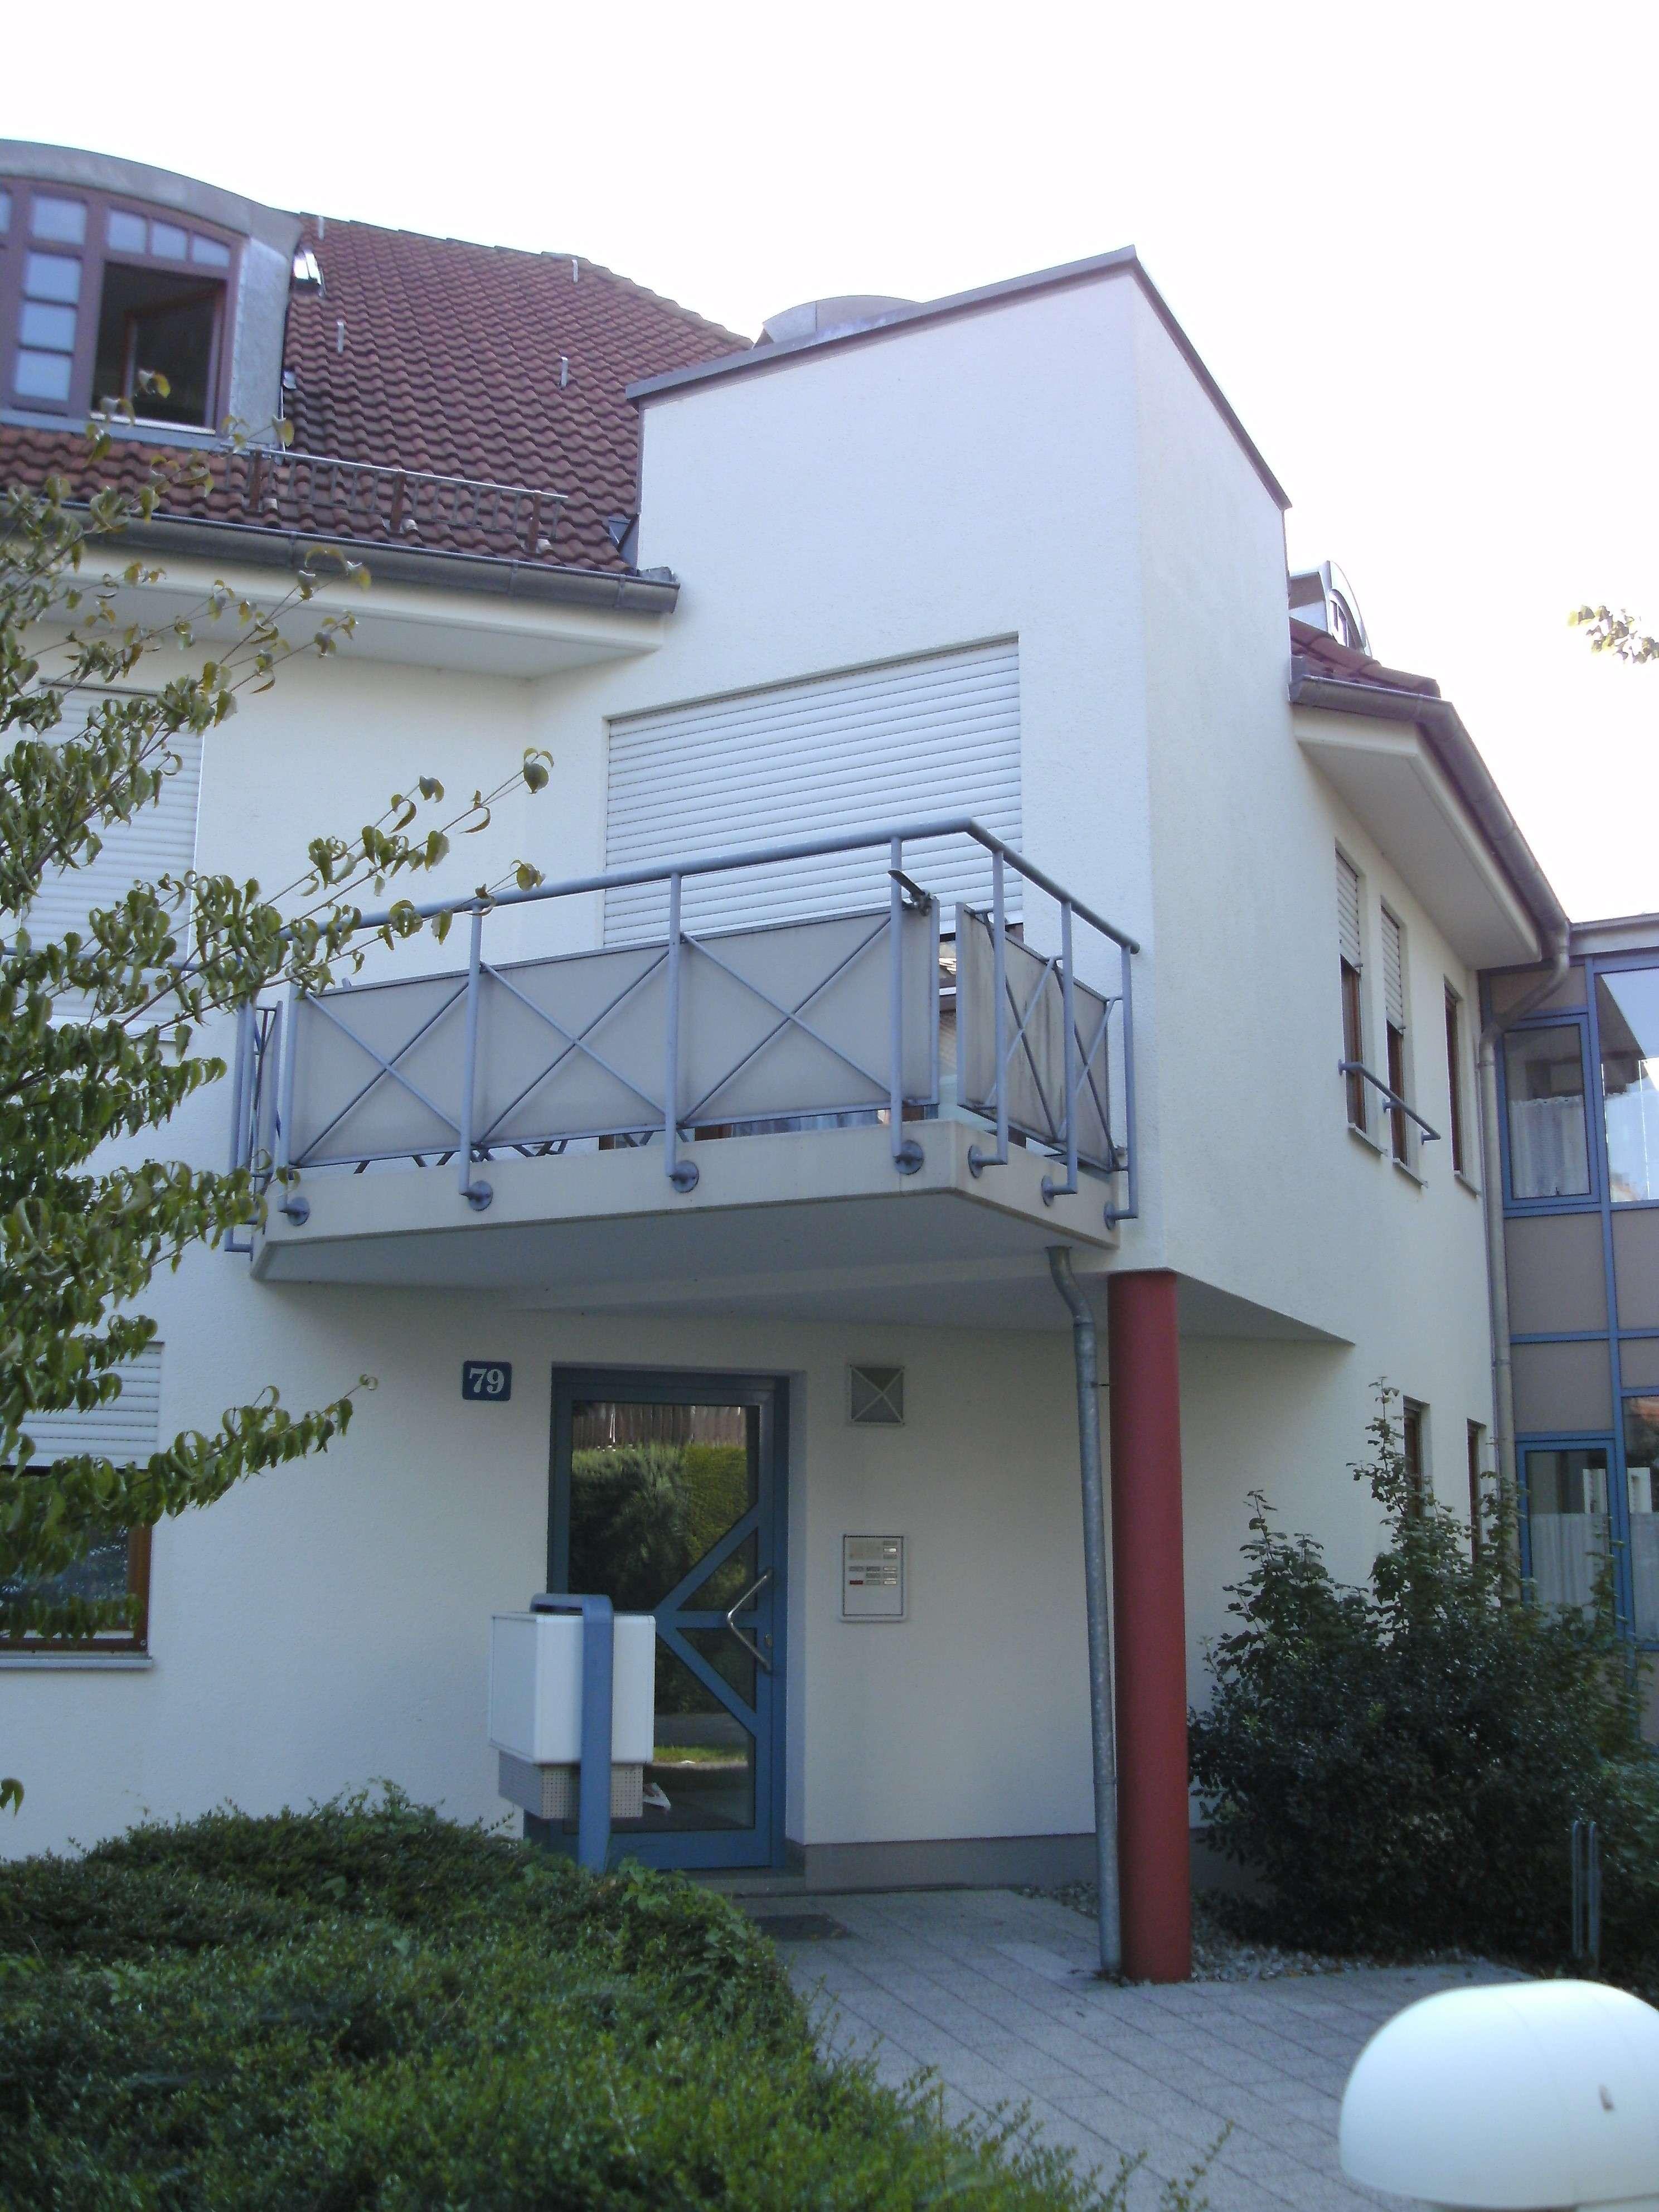 Schöne, gepflegte 2-Zimmer-Wohnung mit Balkon in Fürstenfeldbruck in